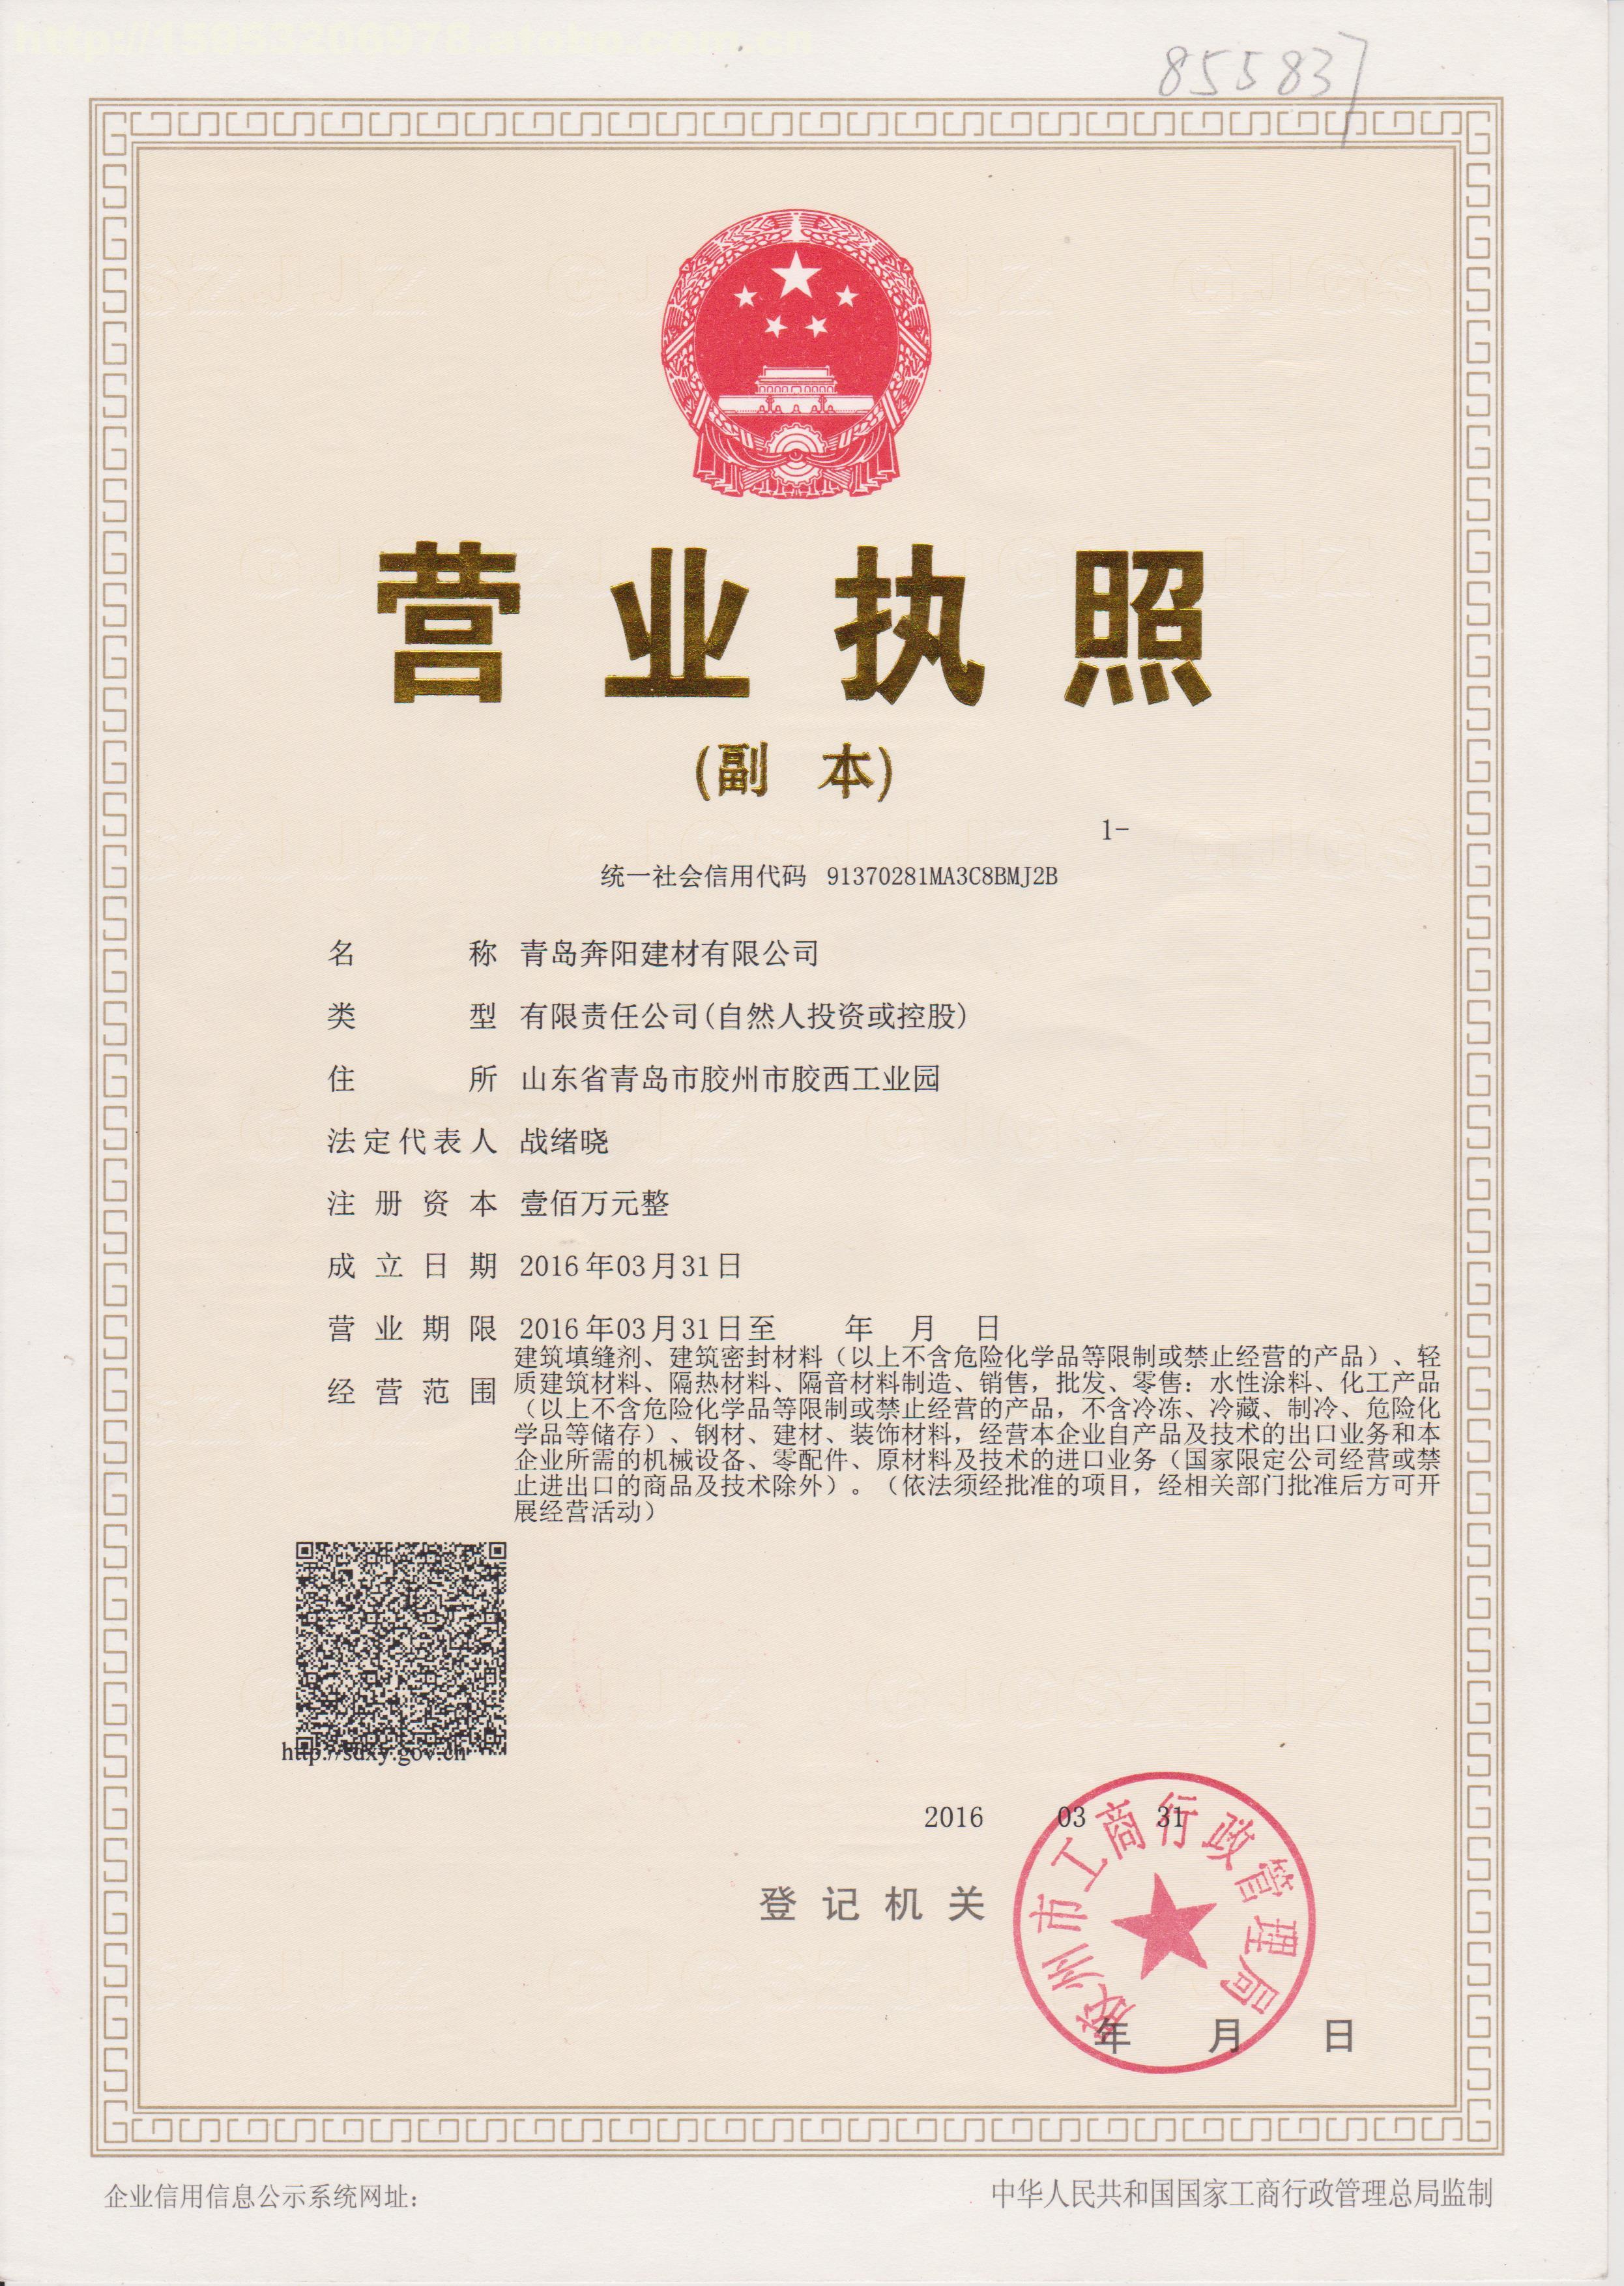 工商局 有效期: 2016年3月31日 至 2036年3月31日 公司名称: 青岛奔阳